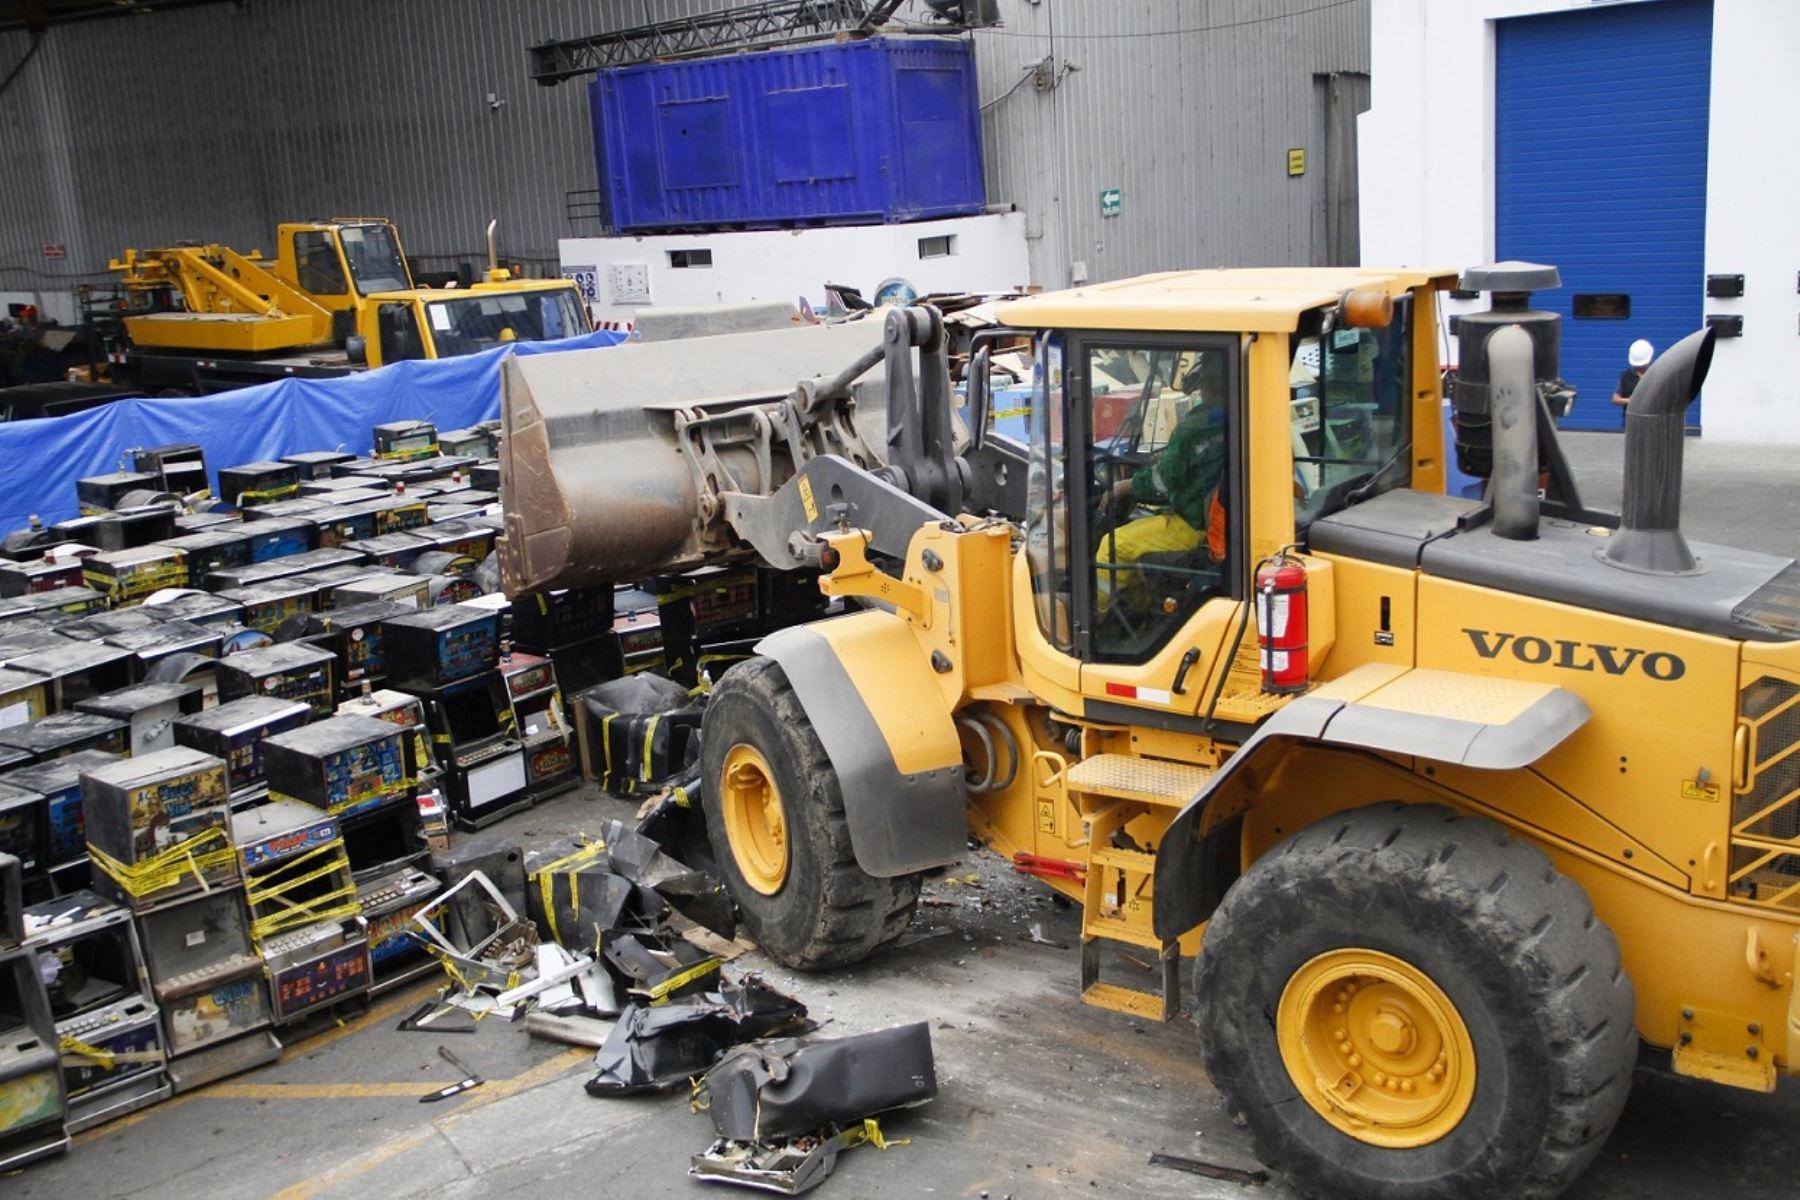 Destrucción de máquinas tragamonedas ilegales. Foto: Andina/Difusión